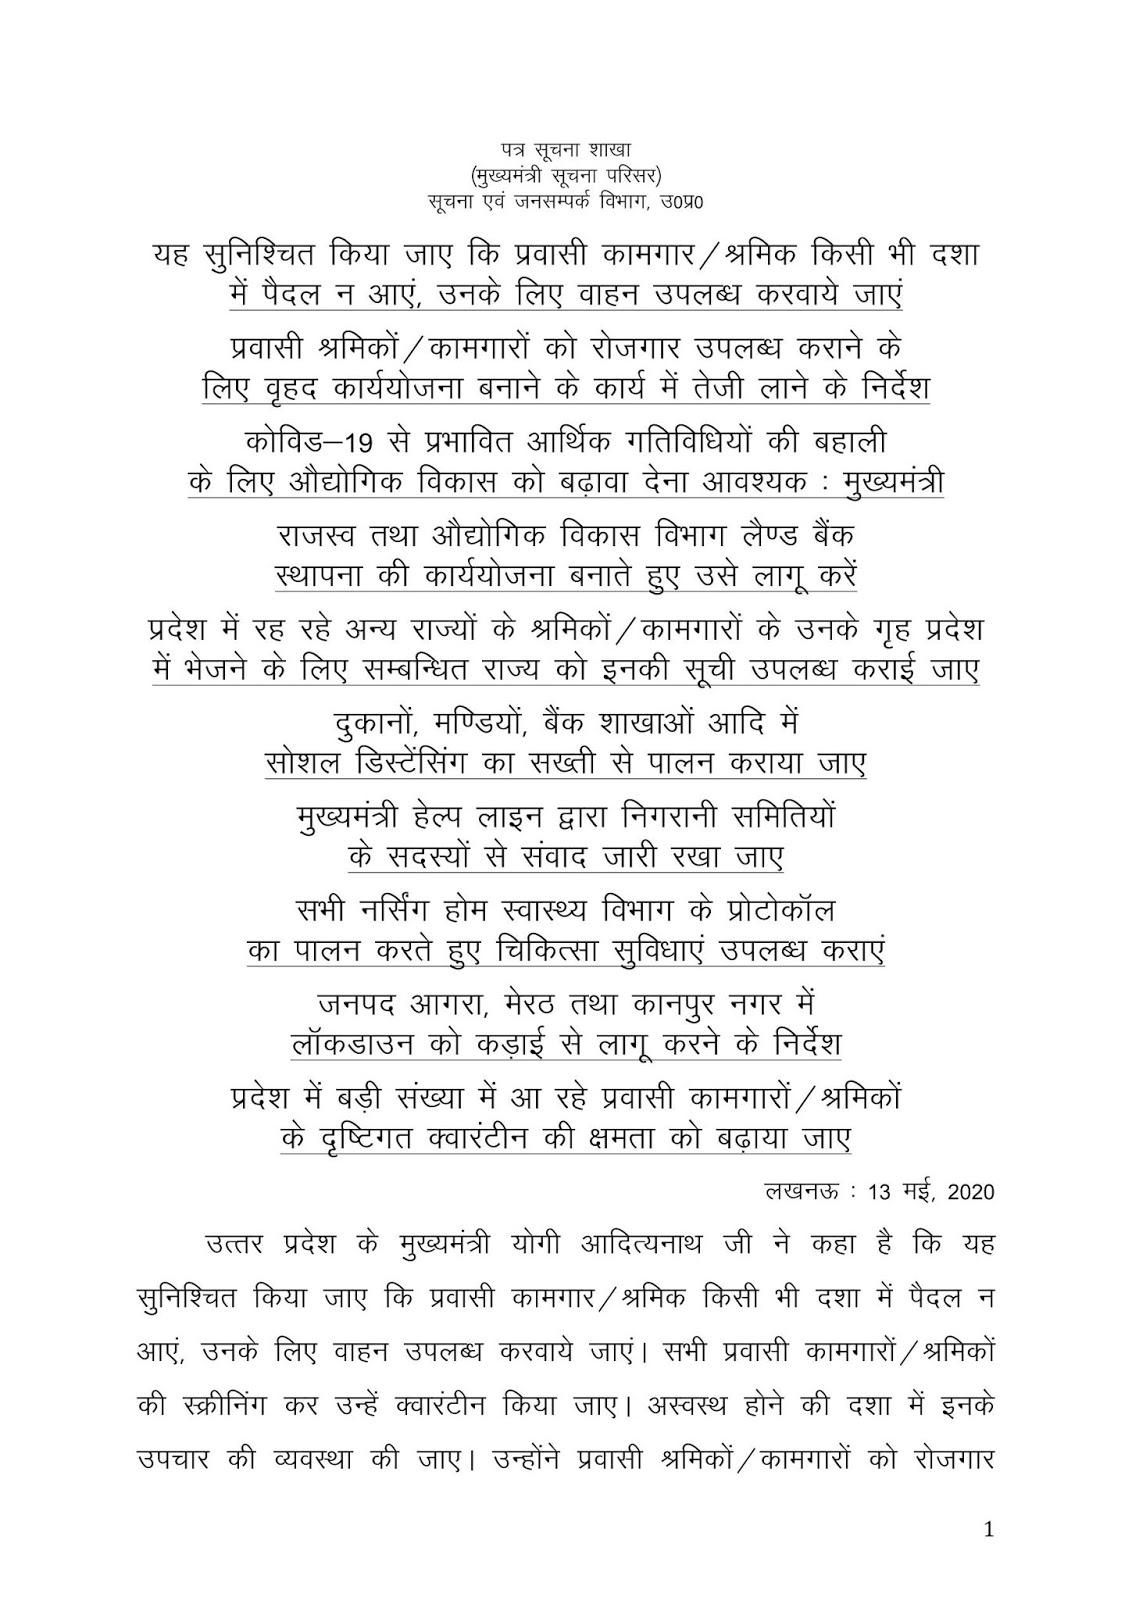 मुख्यमंत्री योगी आदित्यनाथ ने की समीक्षा बैठक, दिए नवीन निर्देश